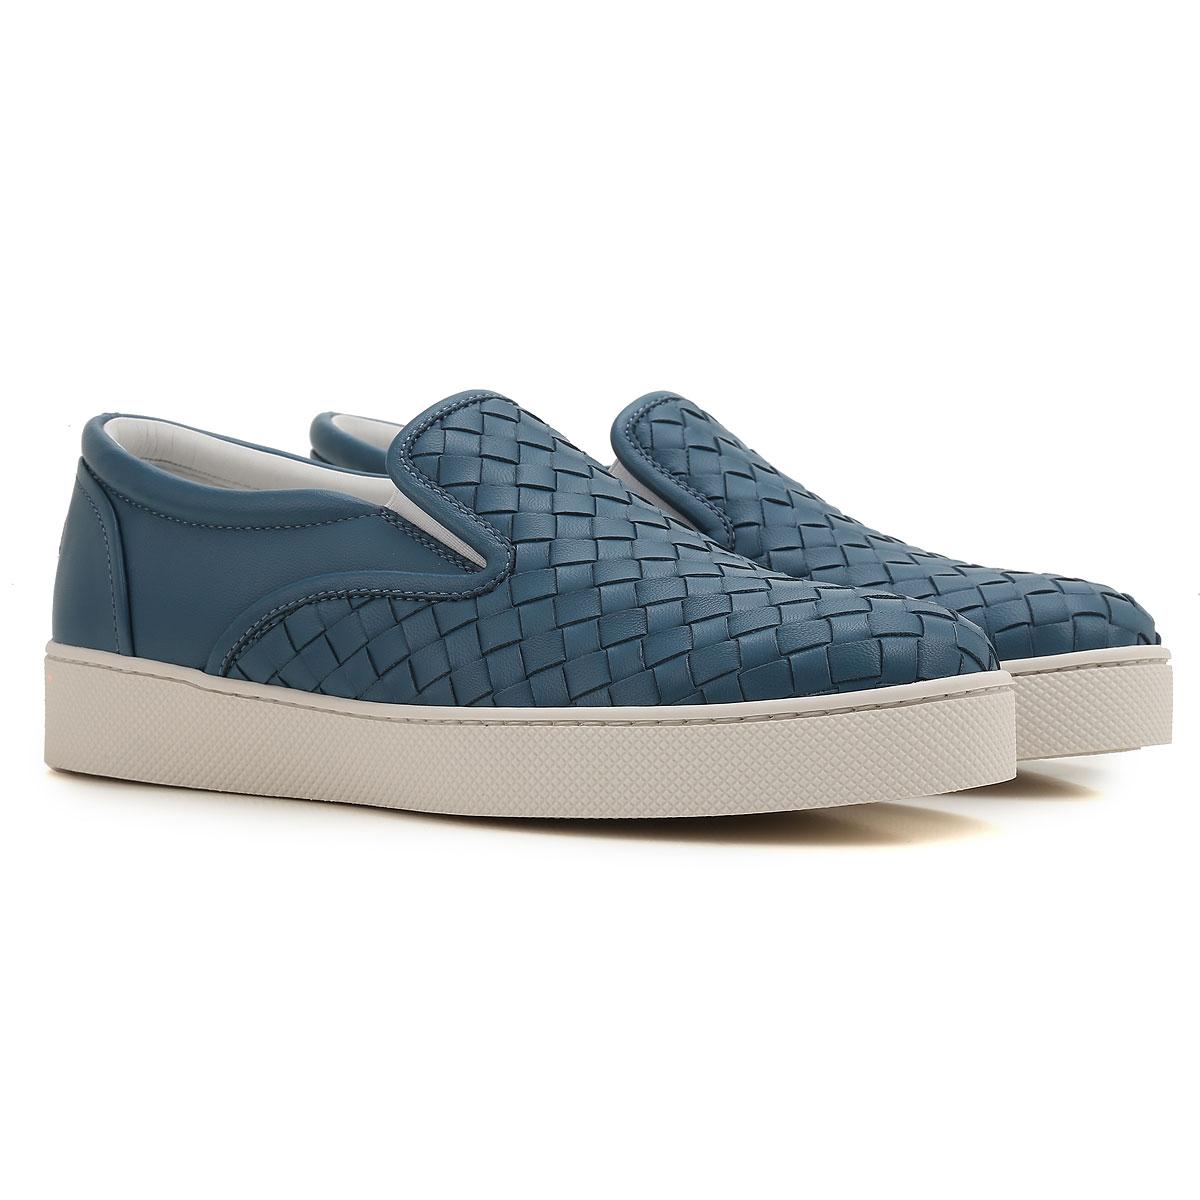 Bottega Veneta Slip on Sneakers for Women On Sale in Outlet, Bluette, Leather, 2017, 6 8